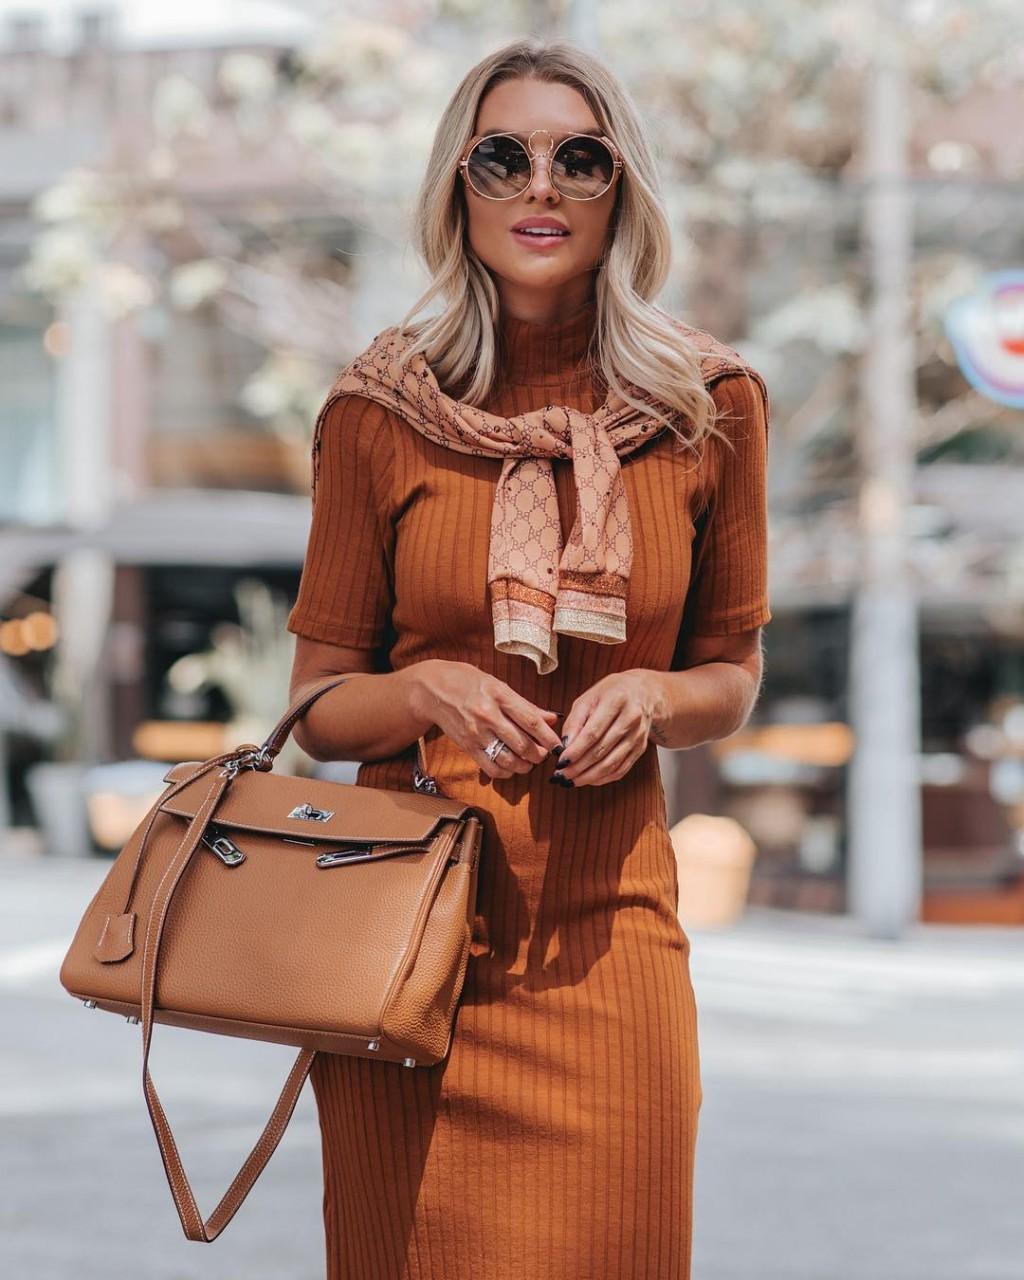 Деловой стиль для женщин возраста элегантности  - 11 непревзойденных образов на весну 2019